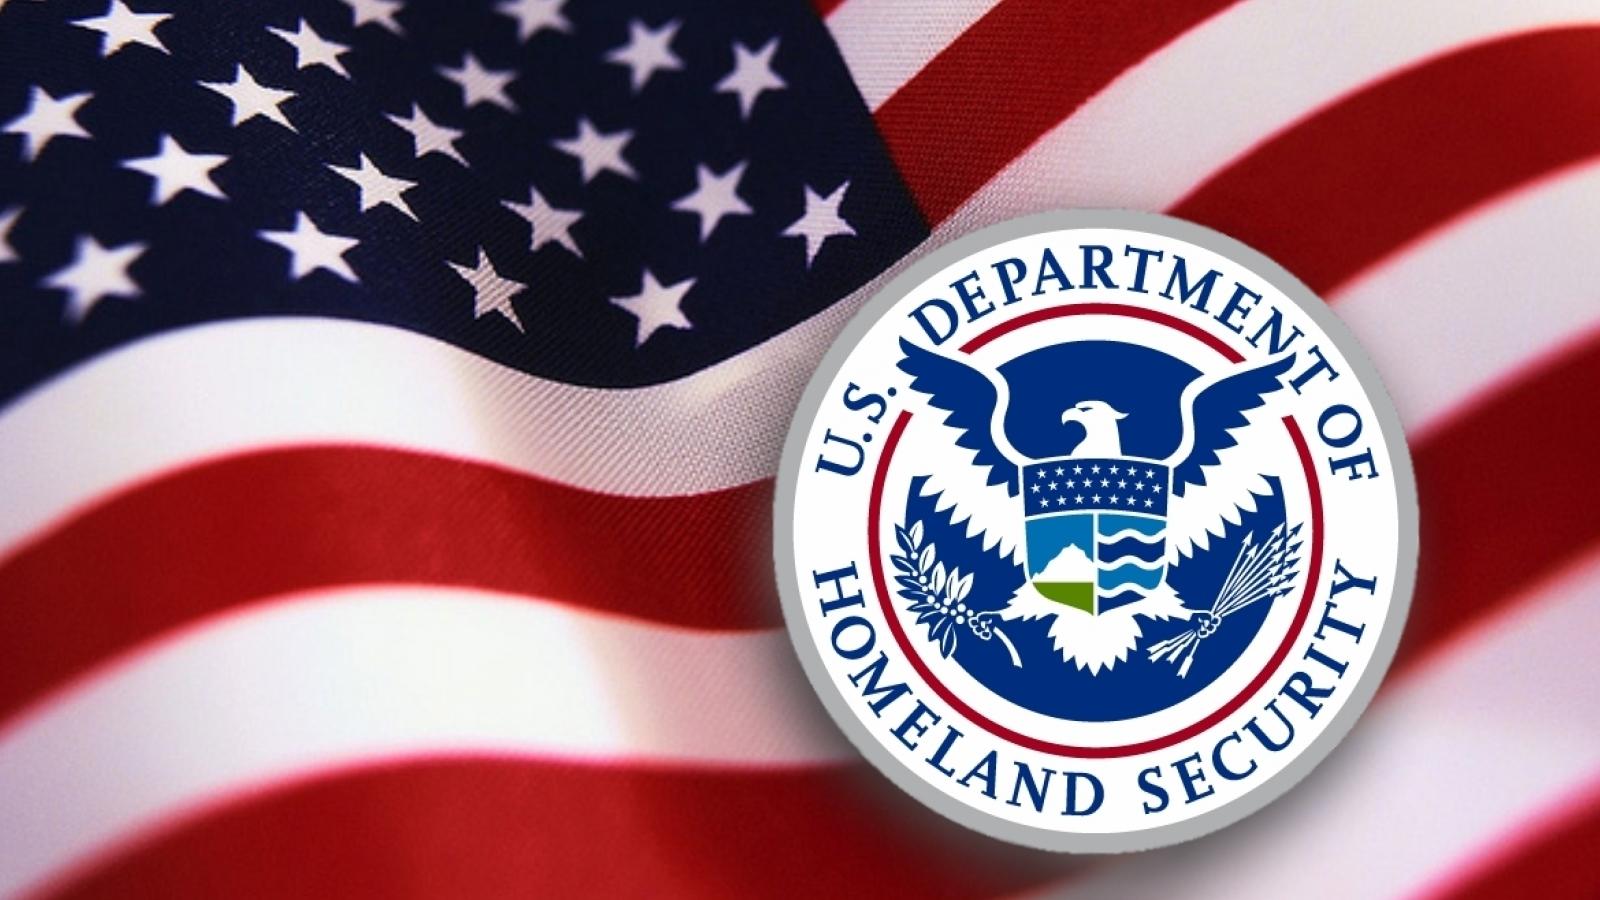 Você já leu o guia de Novos imigrantes feito pela Imigração dos EUA?